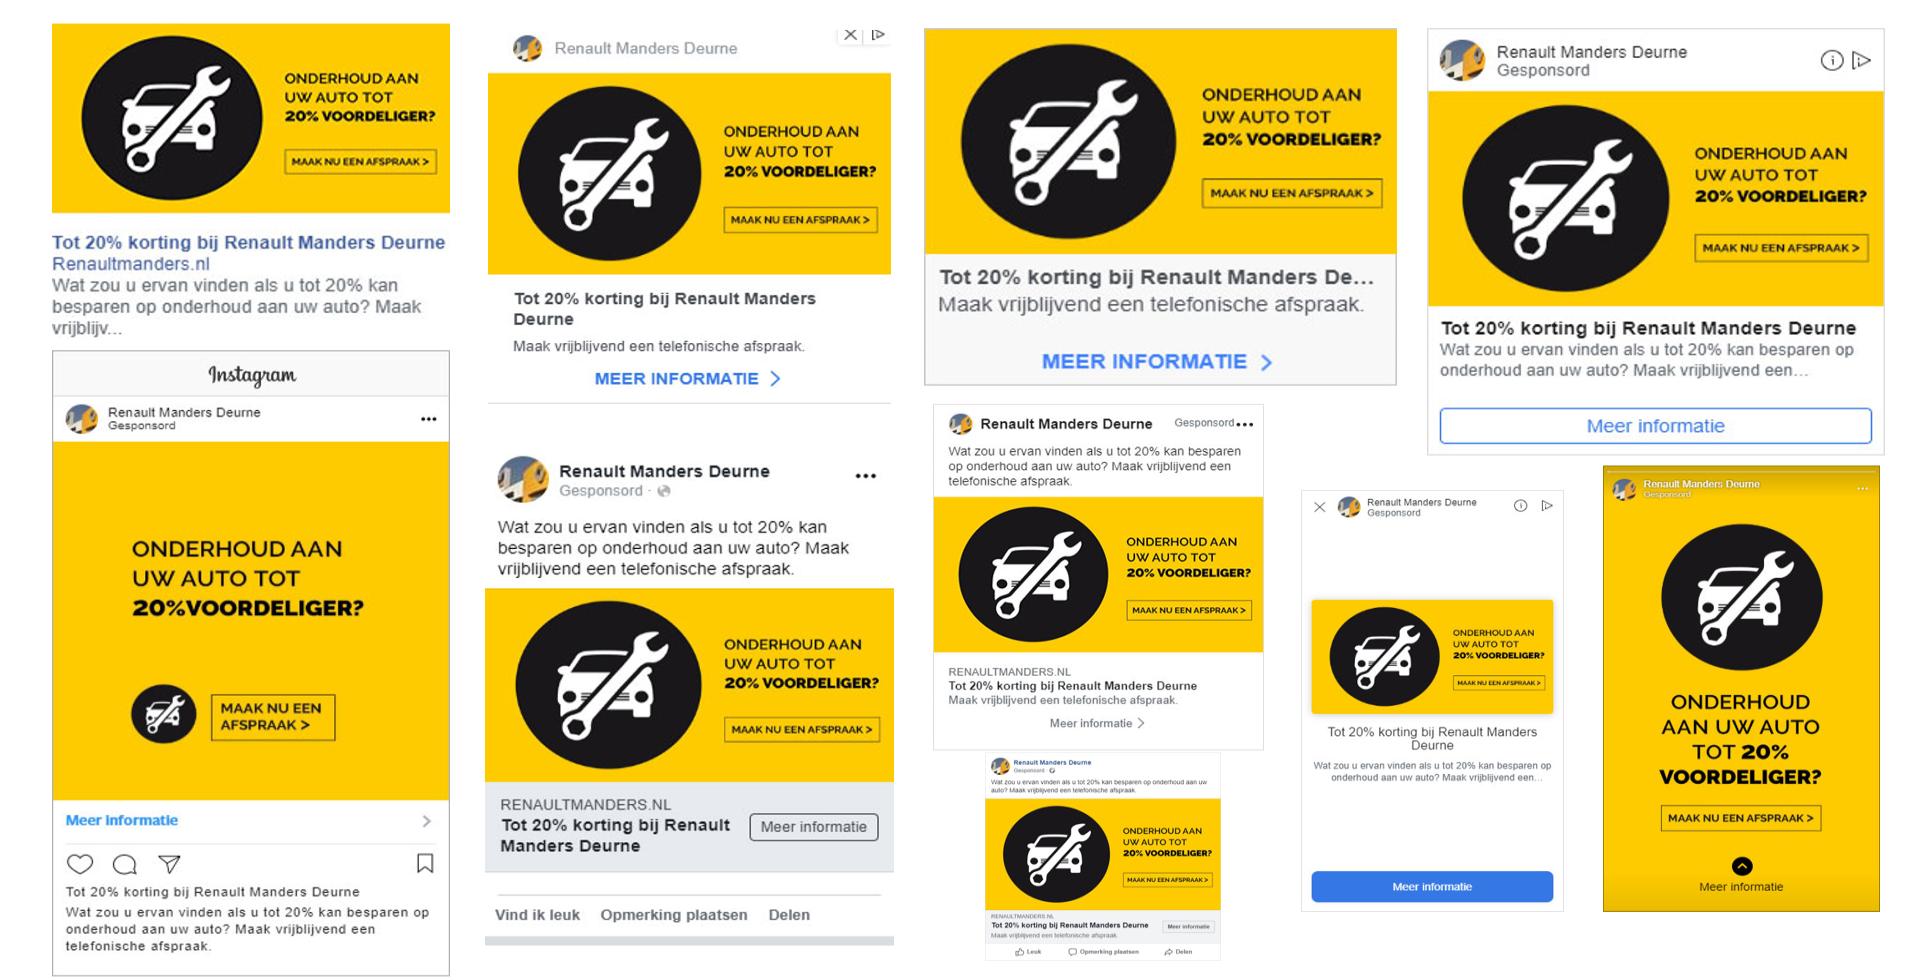 online-advertenties-Facebook-Instagram-Spiegel-crossmedia-communicatie